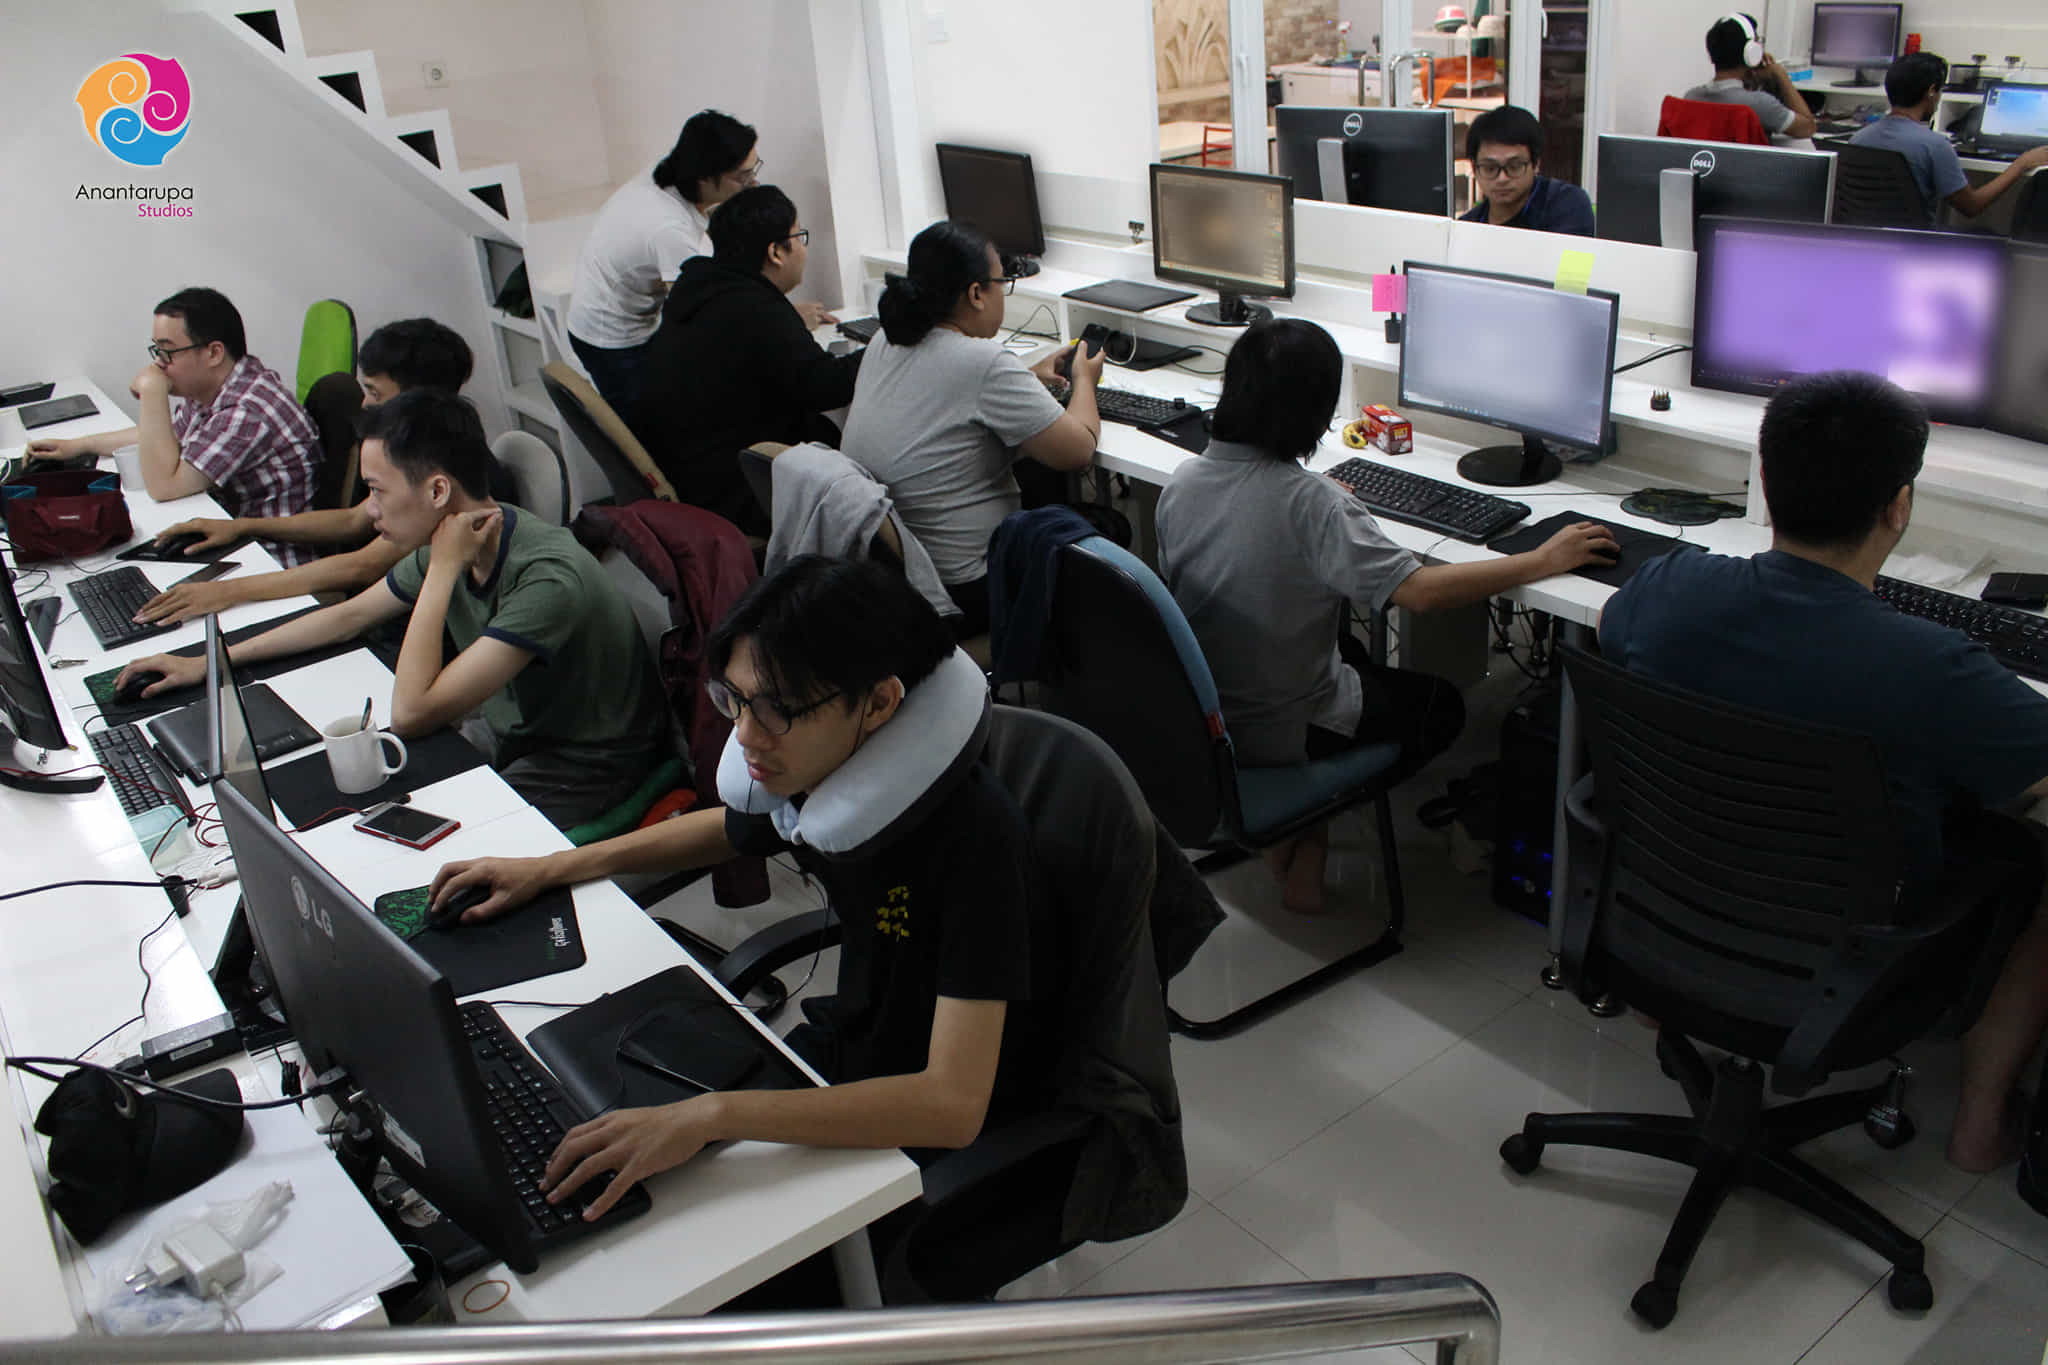 Lowongan Kerja Full Remote 3D Modeller & 3D Animator (Anantarupa Studios)